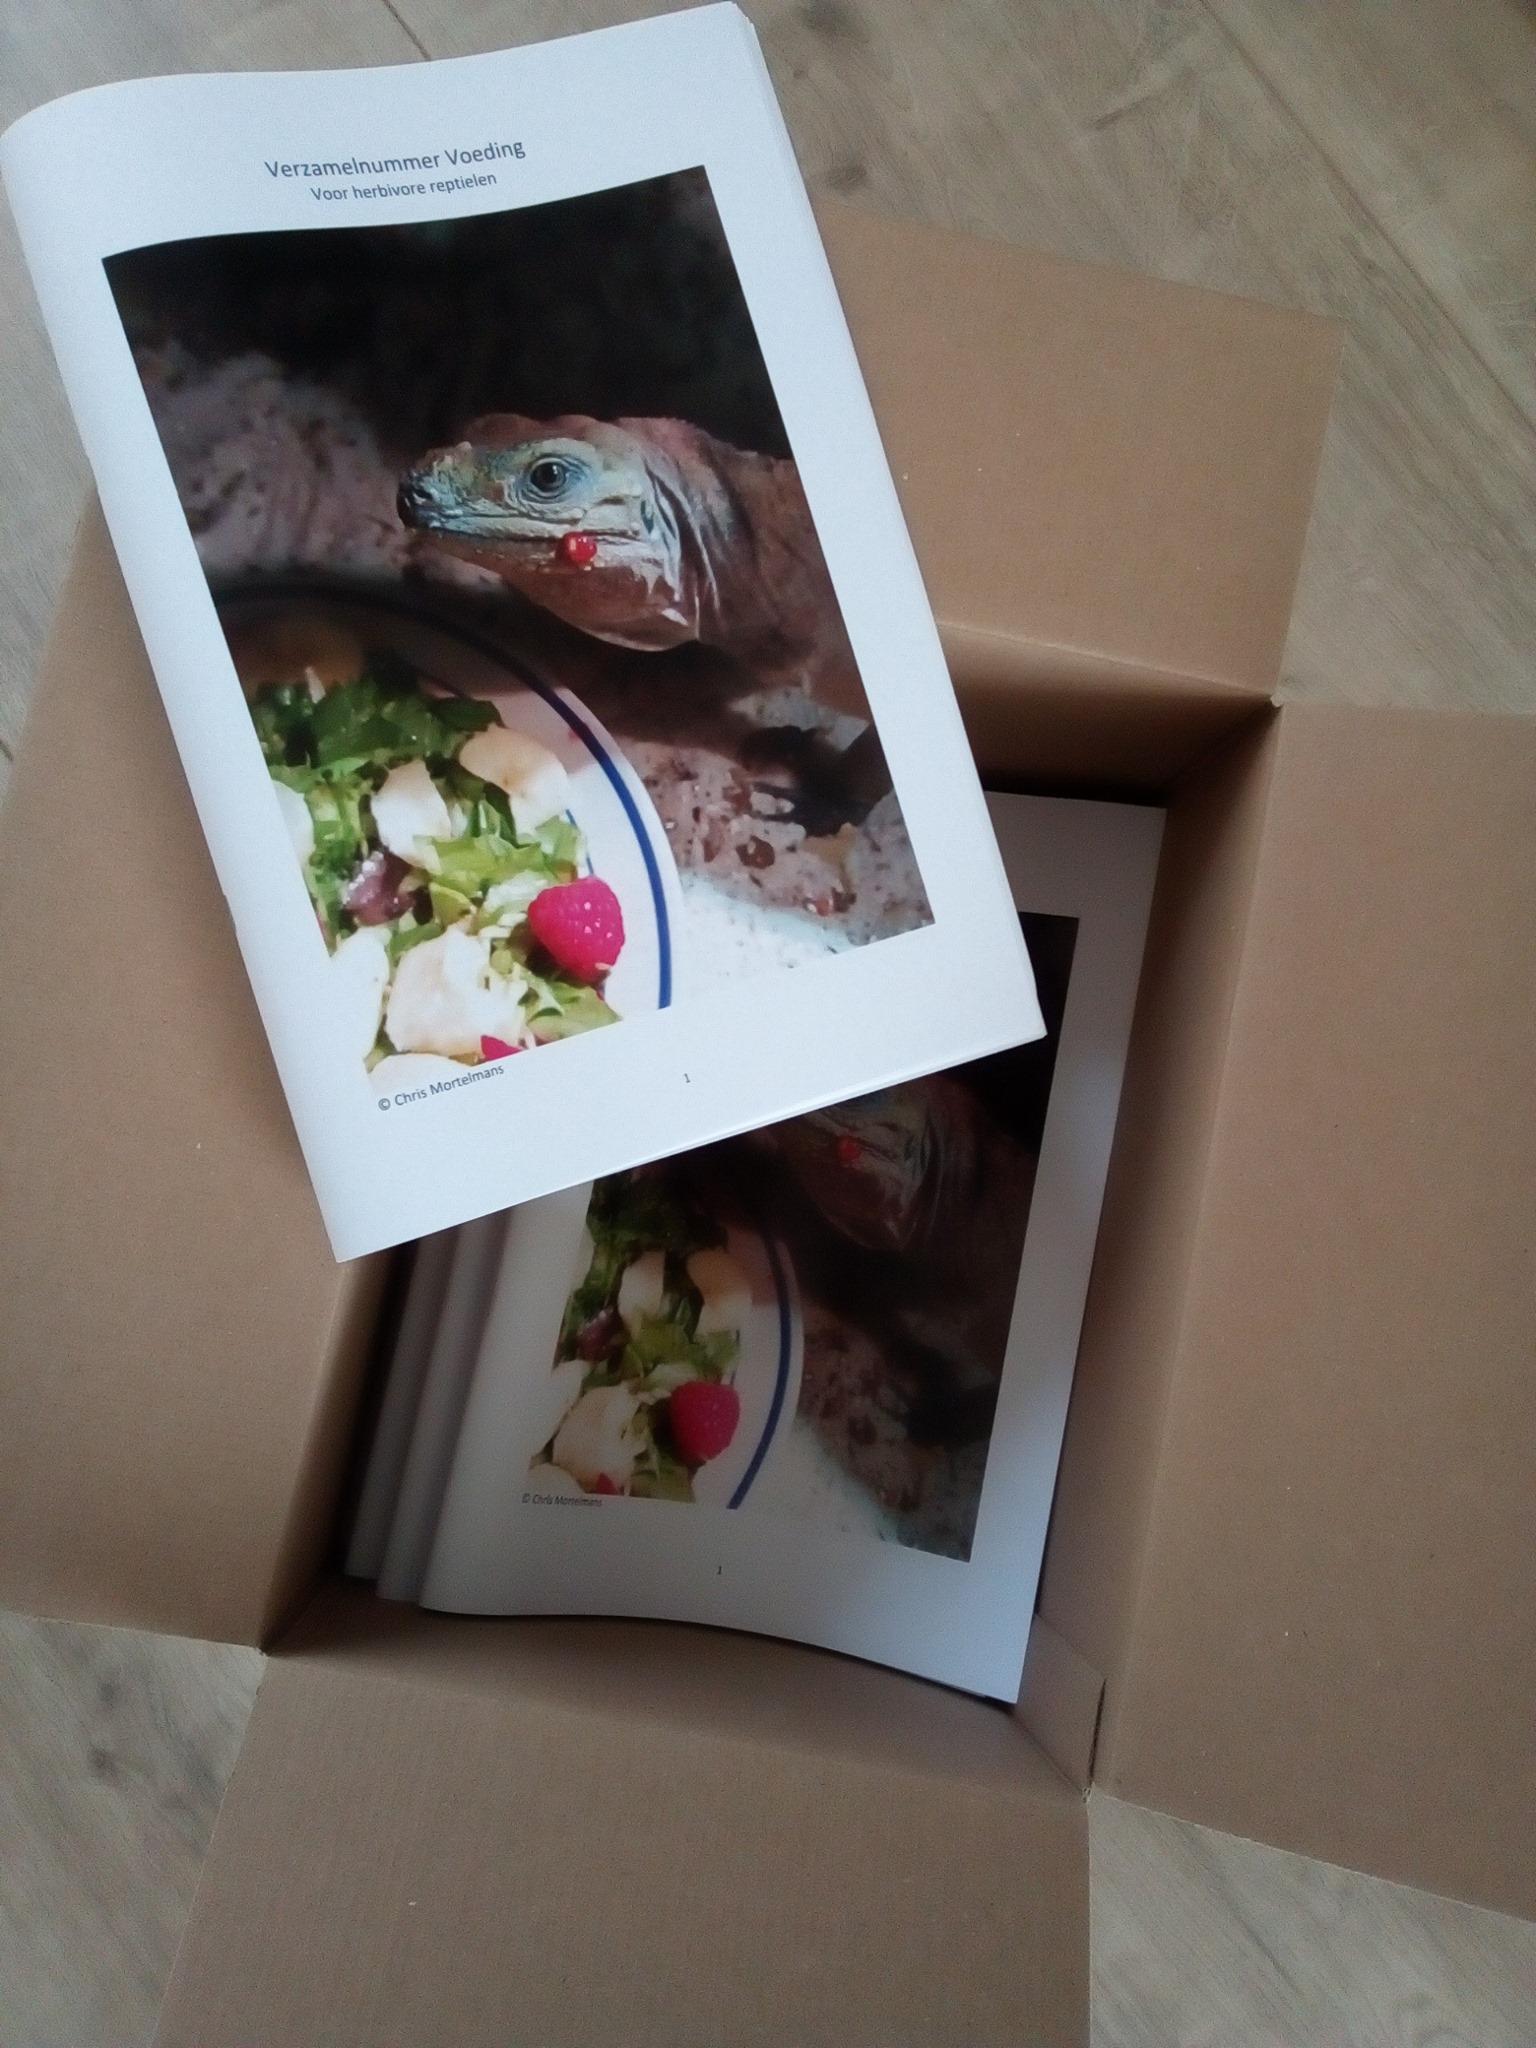 [Image: verzamelnummer-voeding.jpg]